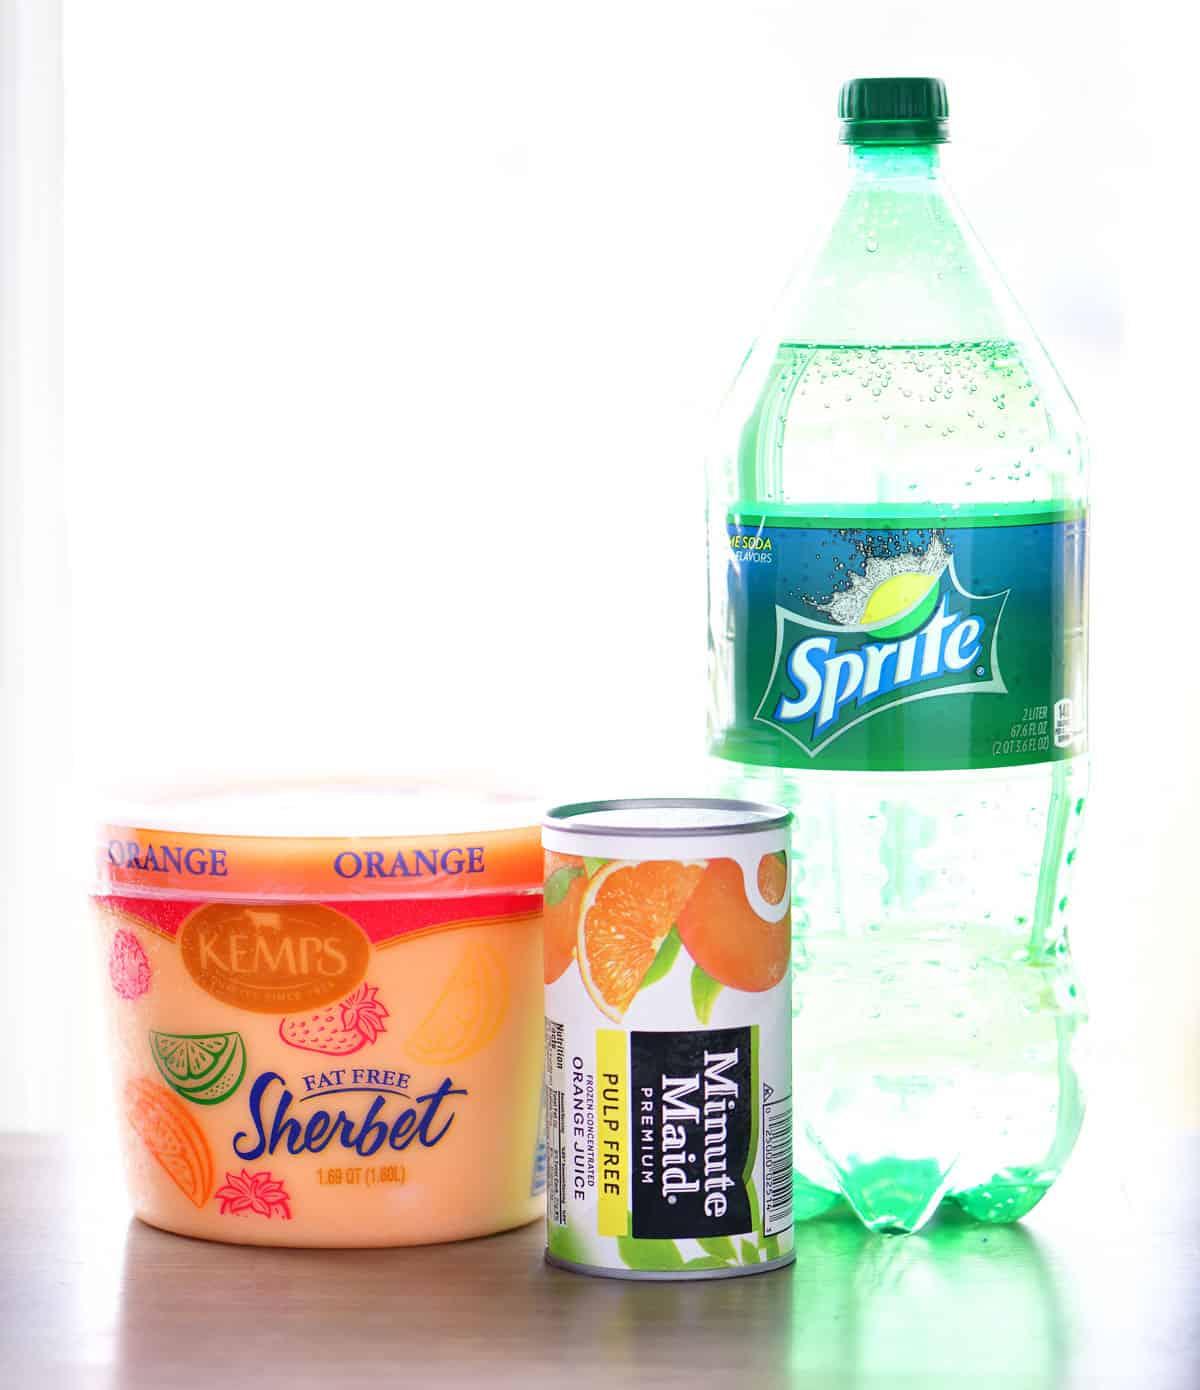 orange sherbet, orange juice concentrate and lemon-lime soda for orange sherbet punch